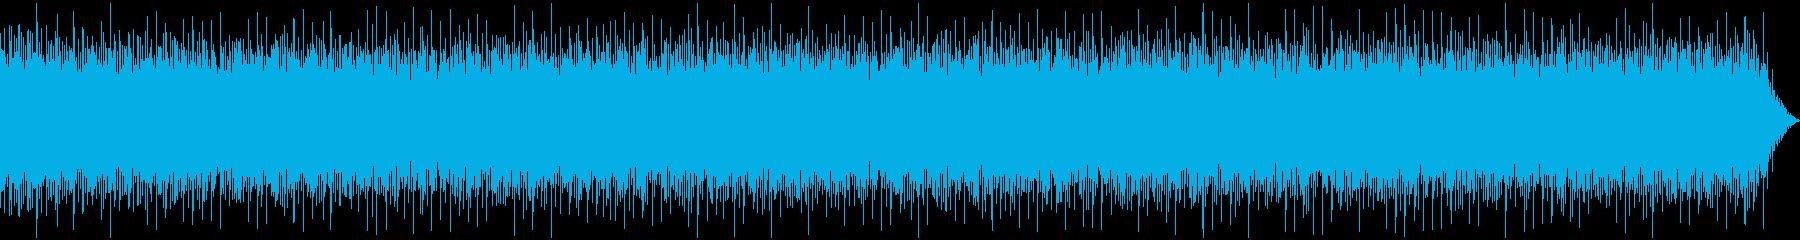 中国・中華風のバトルBGMの再生済みの波形